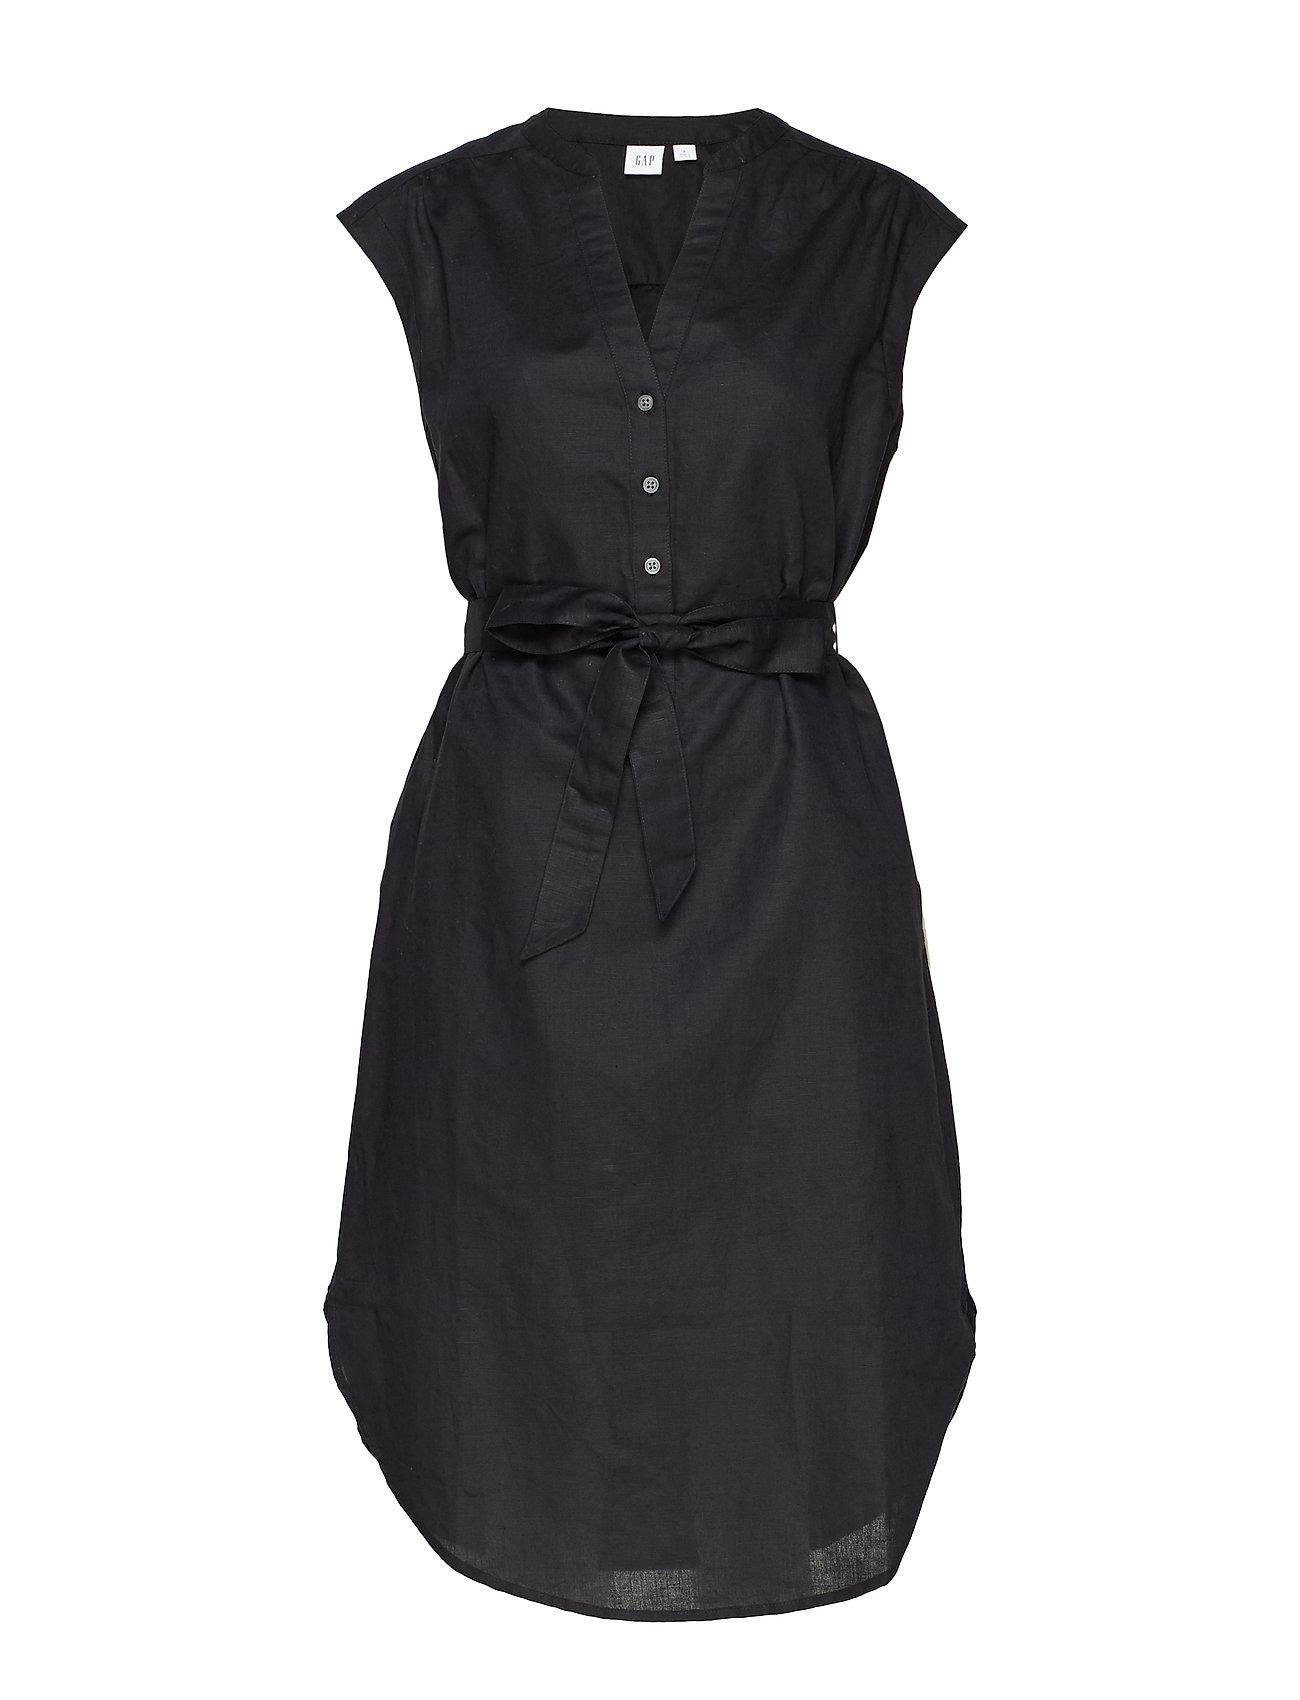 GAP Popover Cap Sleeve Shirtdress in Linen-Cotton - TRUE BLACK V2 2